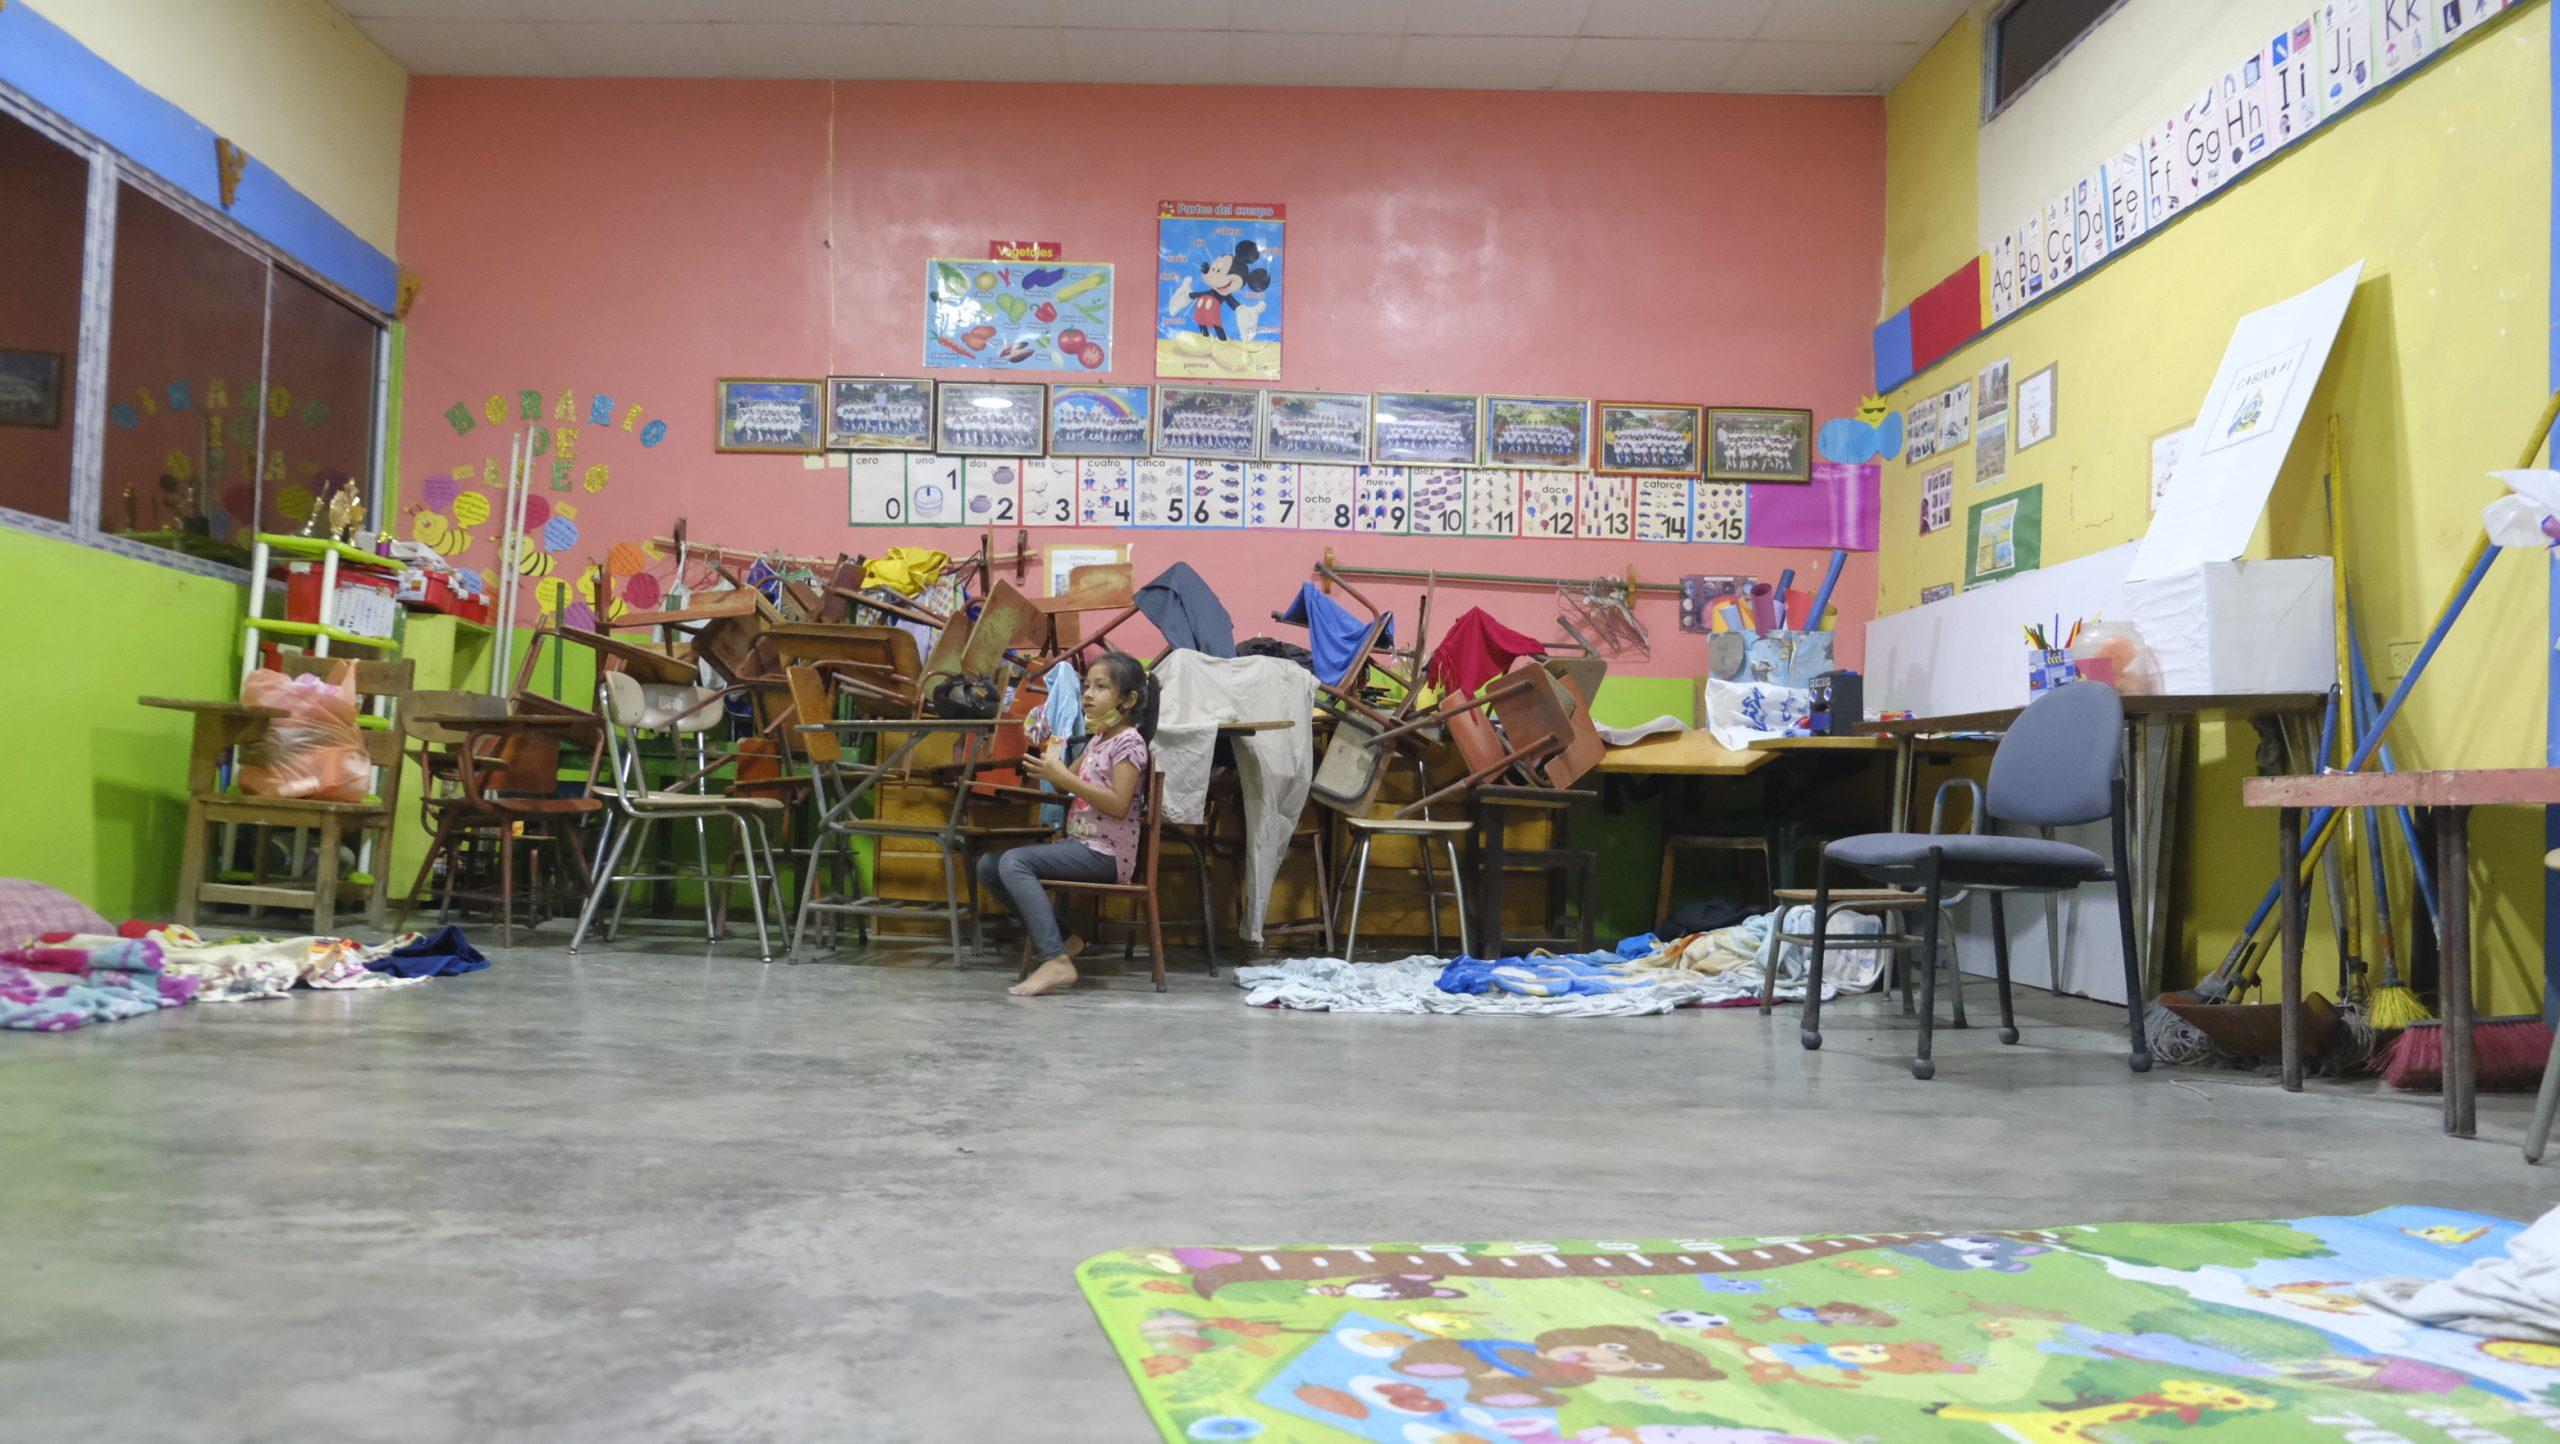 Las familias albergadas en la escuela John Cook, aún no han recibido ni colchonetas ni víveres. Villanueva, Cortés, 3 de Noviembre de 2020, Foto Deiby Yanes.